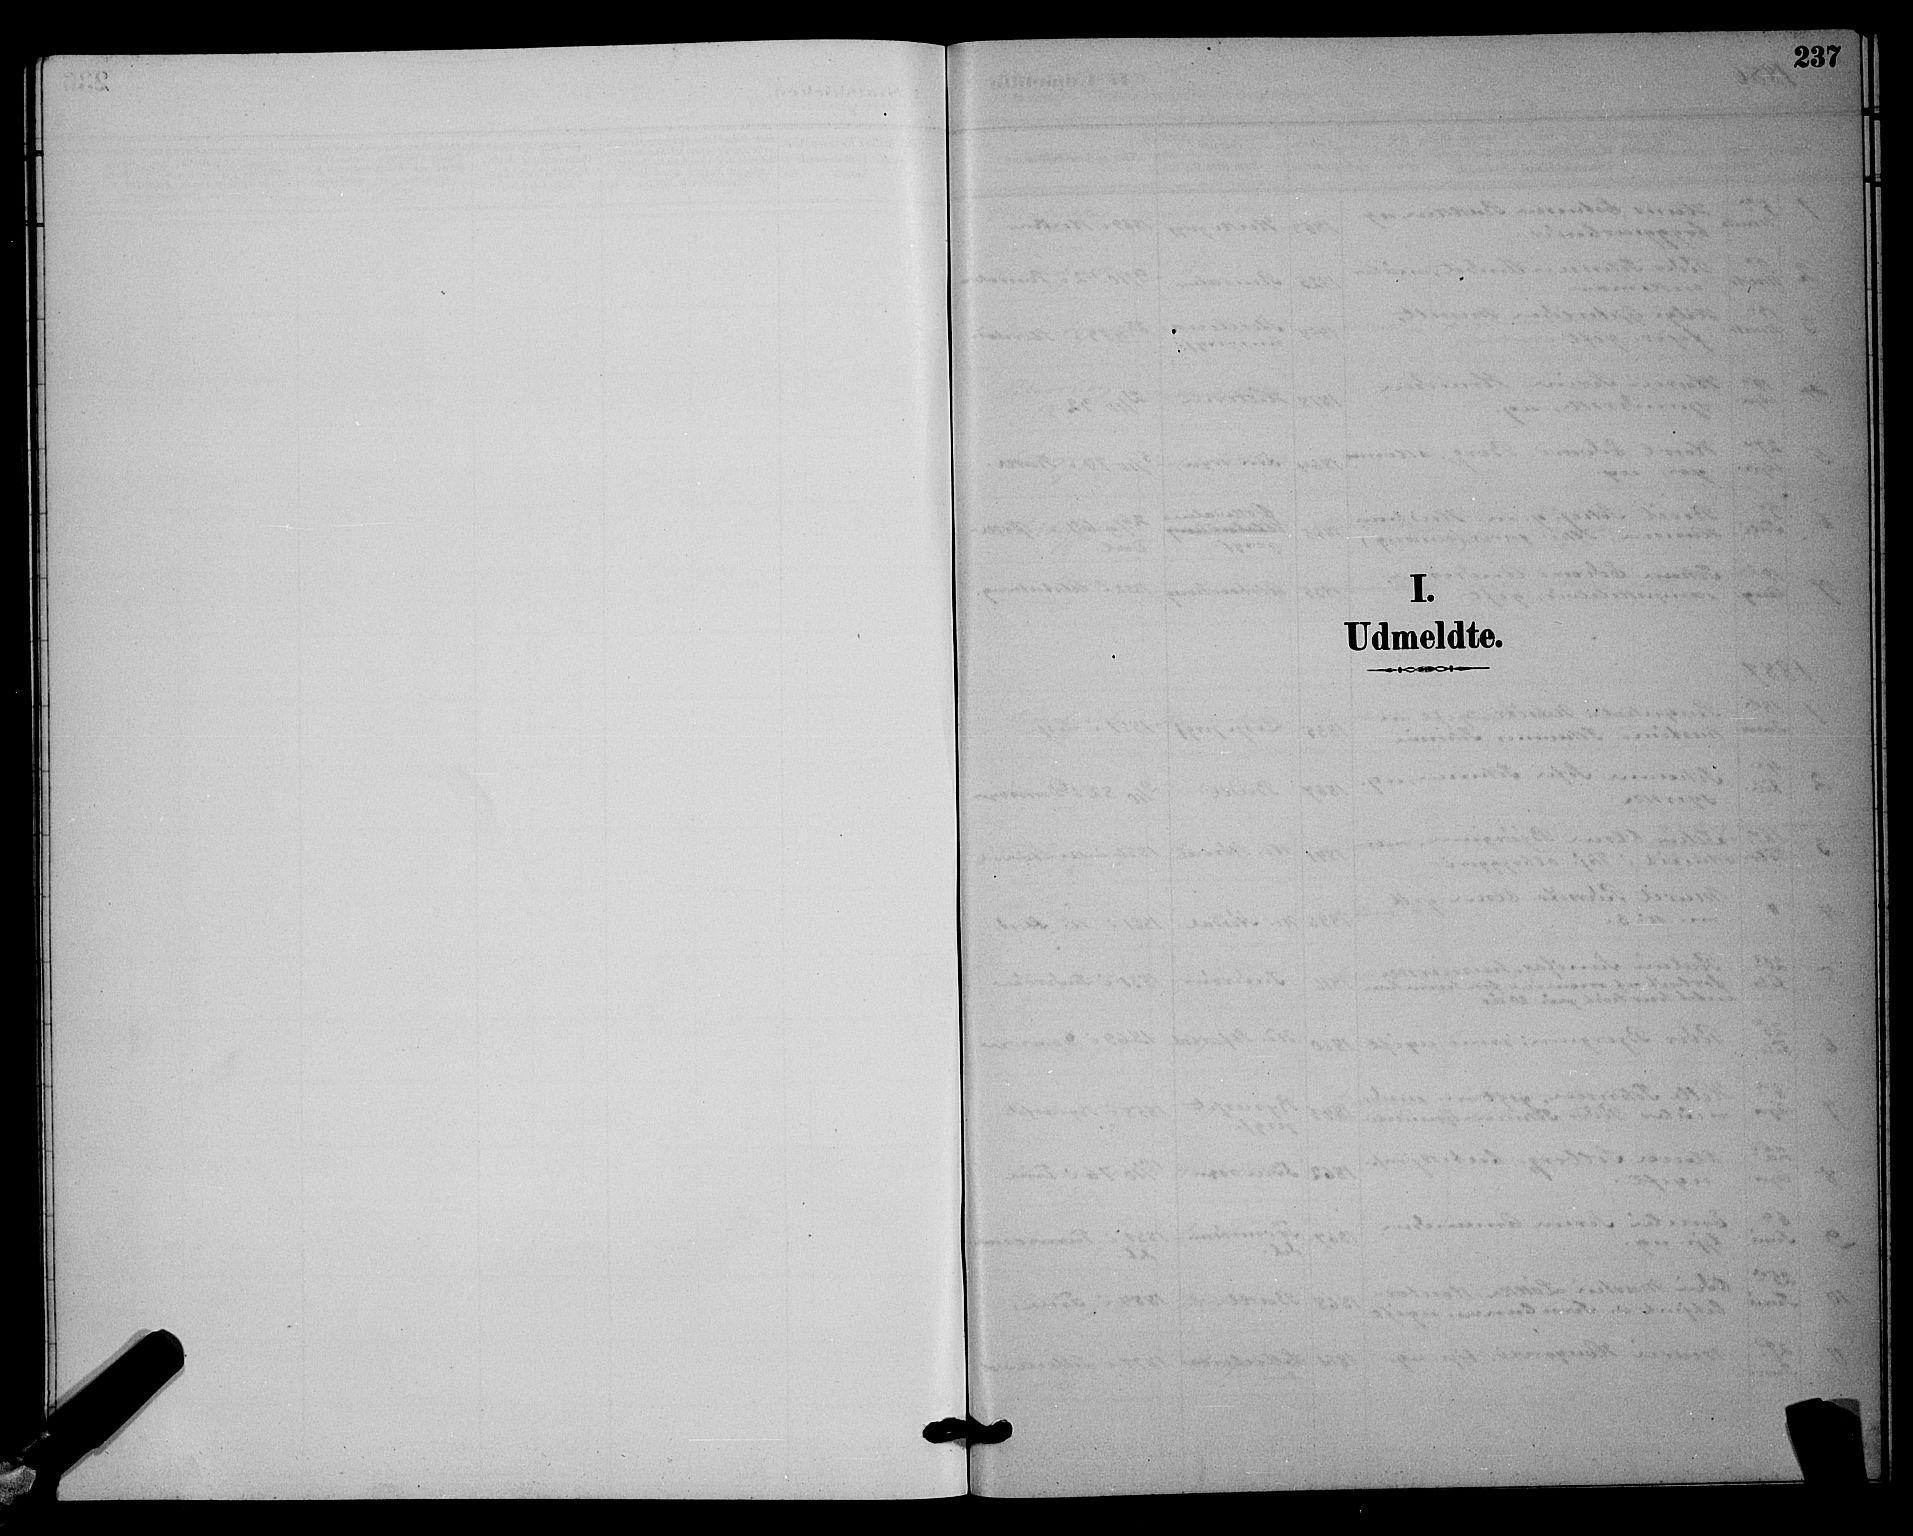 SAT, Ministerialprotokoller, klokkerbøker og fødselsregistre - Sør-Trøndelag, 604/L0223: Klokkerbok nr. 604C06, 1886-1897, s. 237